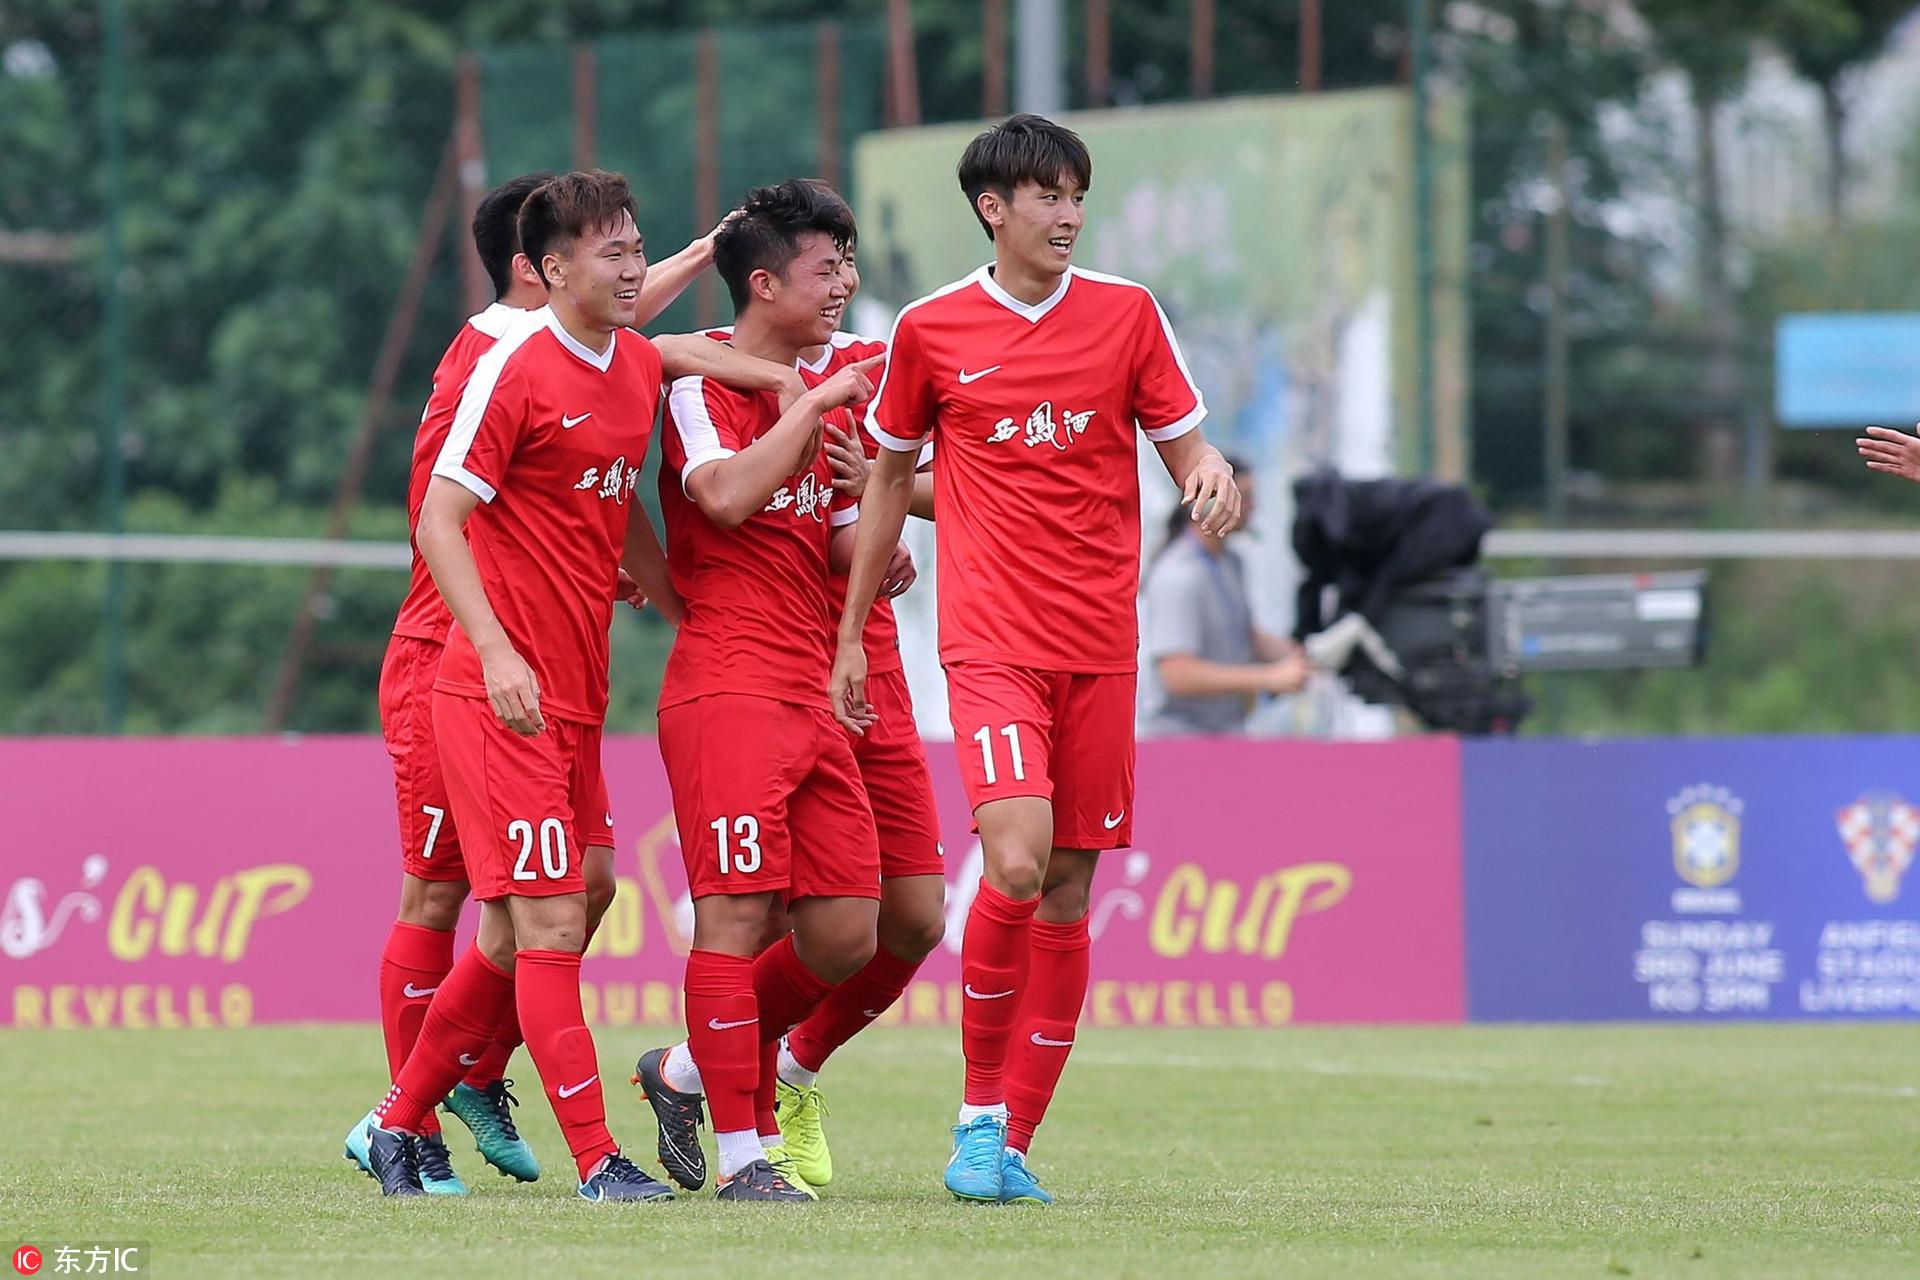 高清:土伦杯U21国足1-2英格兰 拥抱庆祝进球